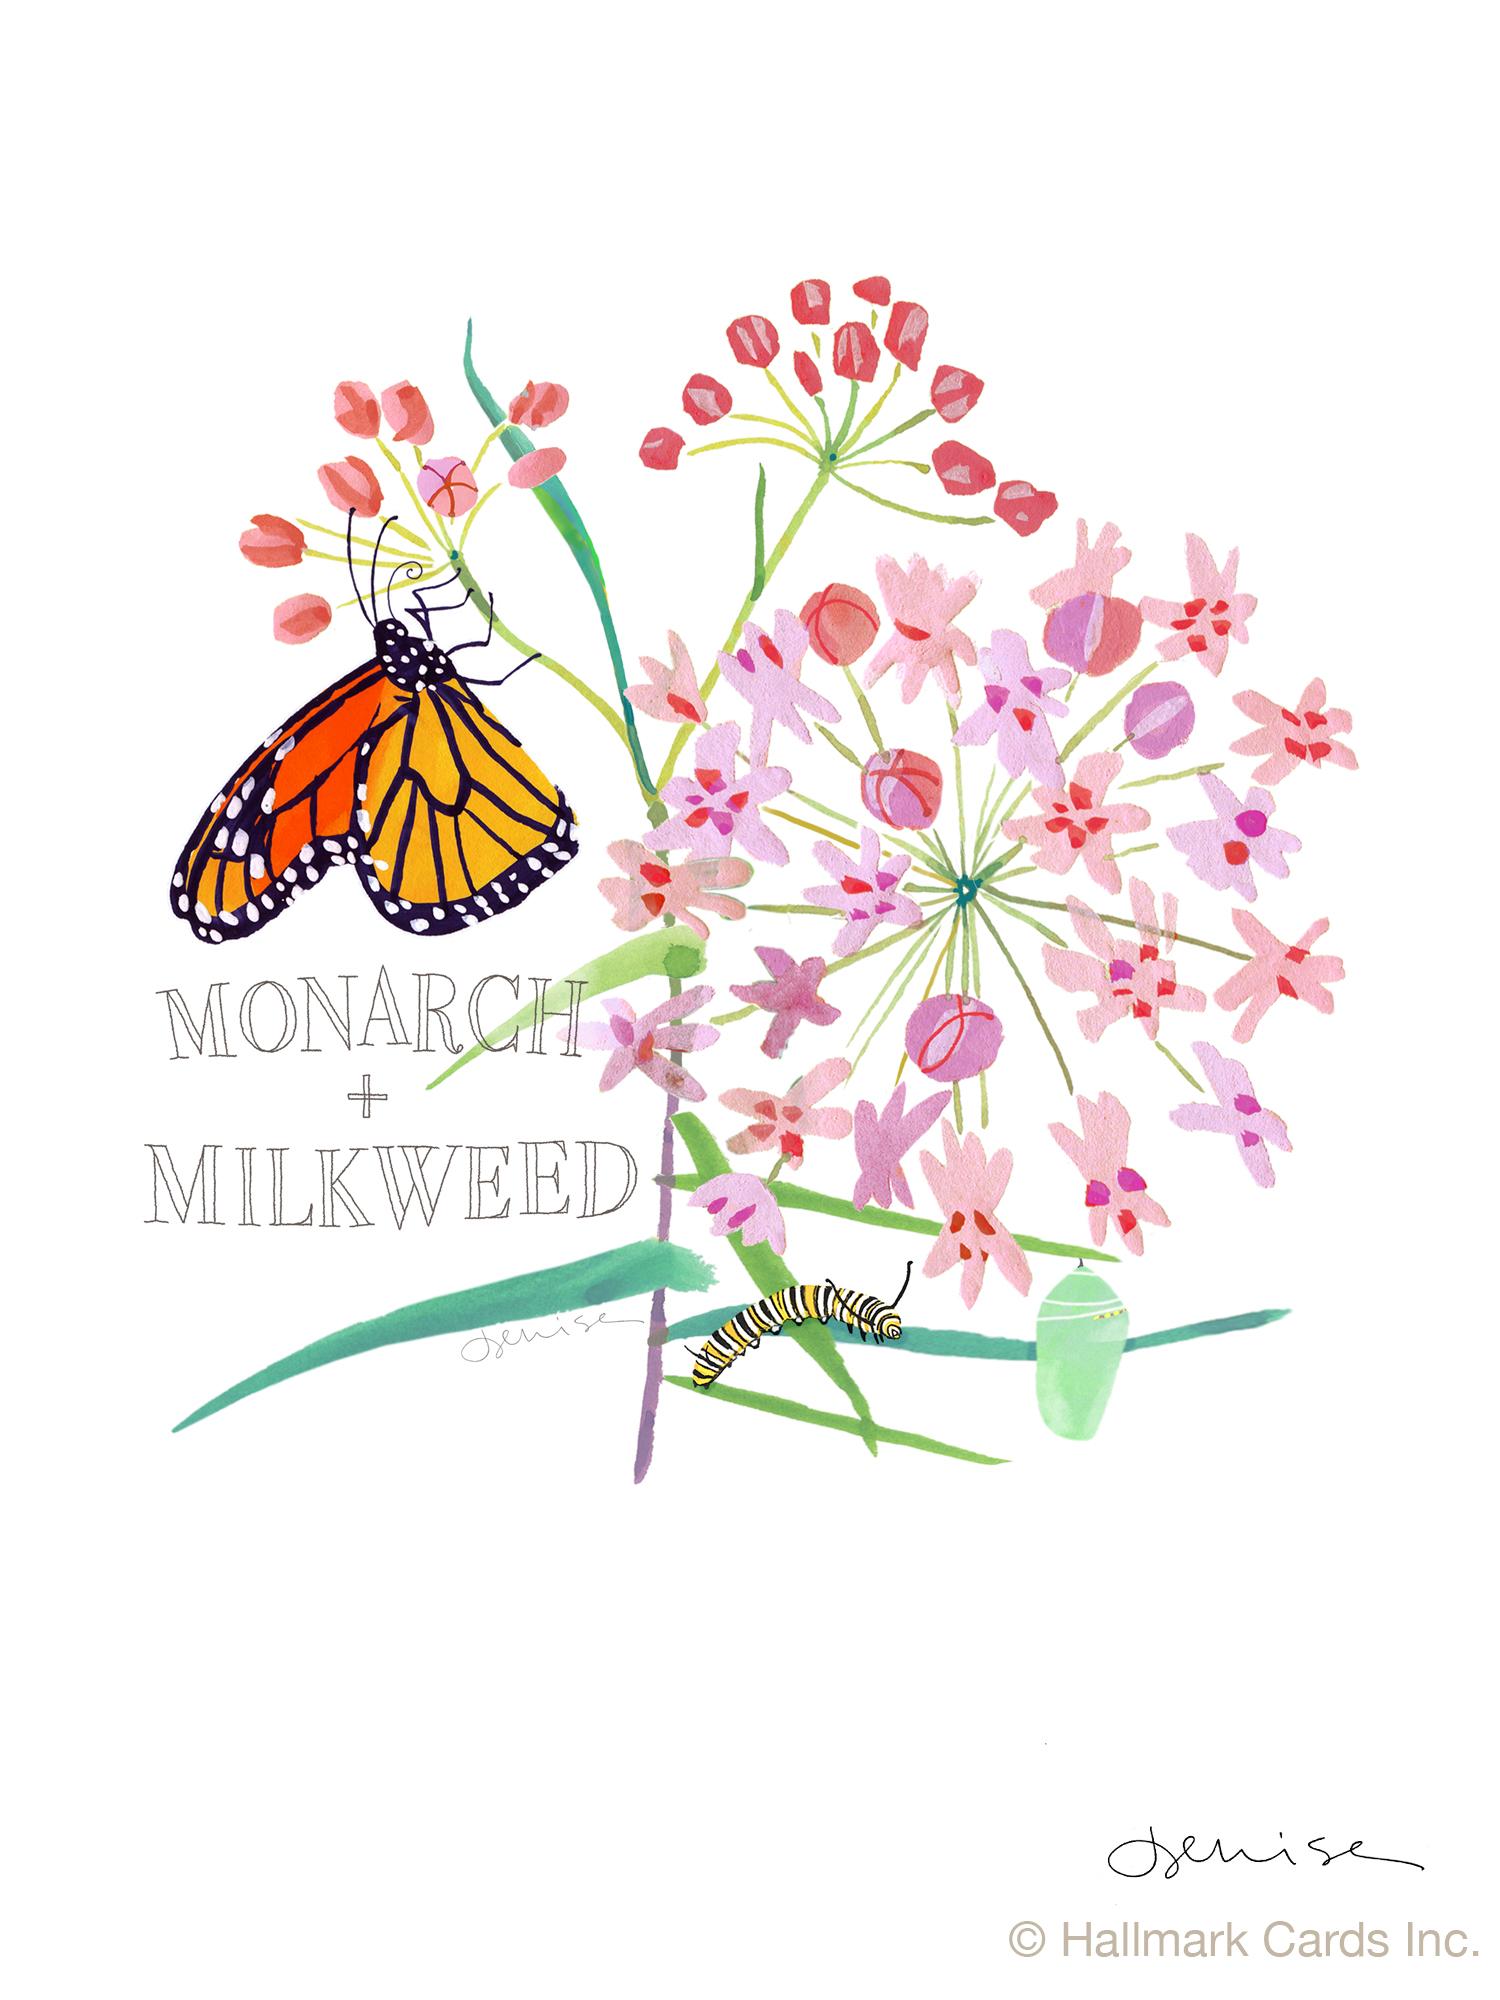 Monarch.Milkweed print.jpg